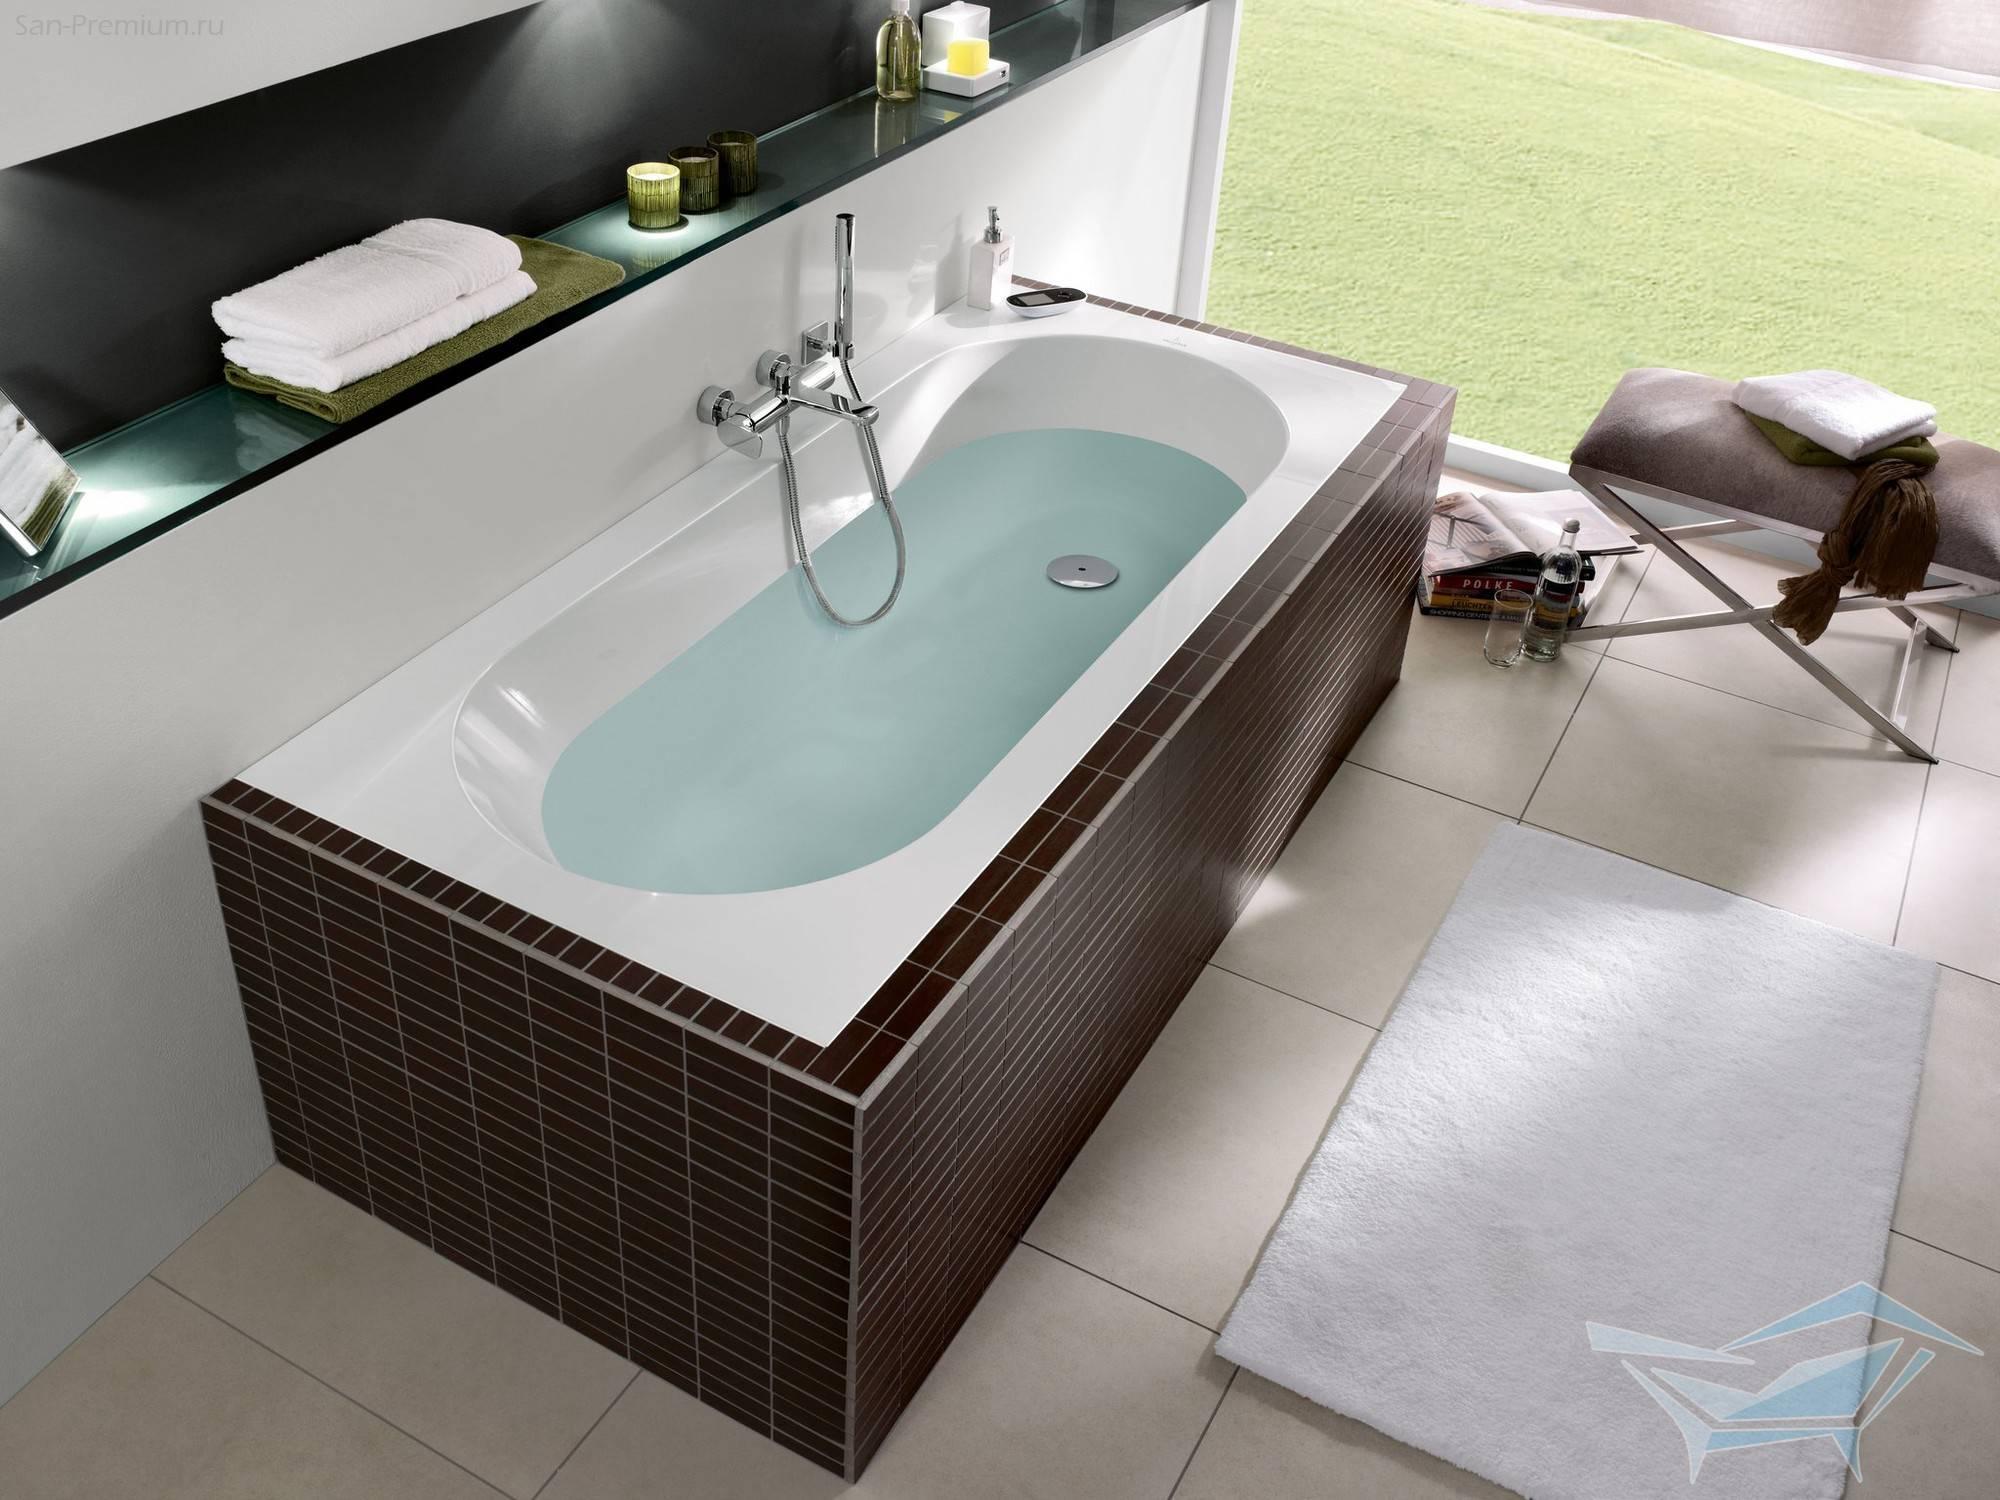 Основные критерии по выбору новой ванны для квартиры